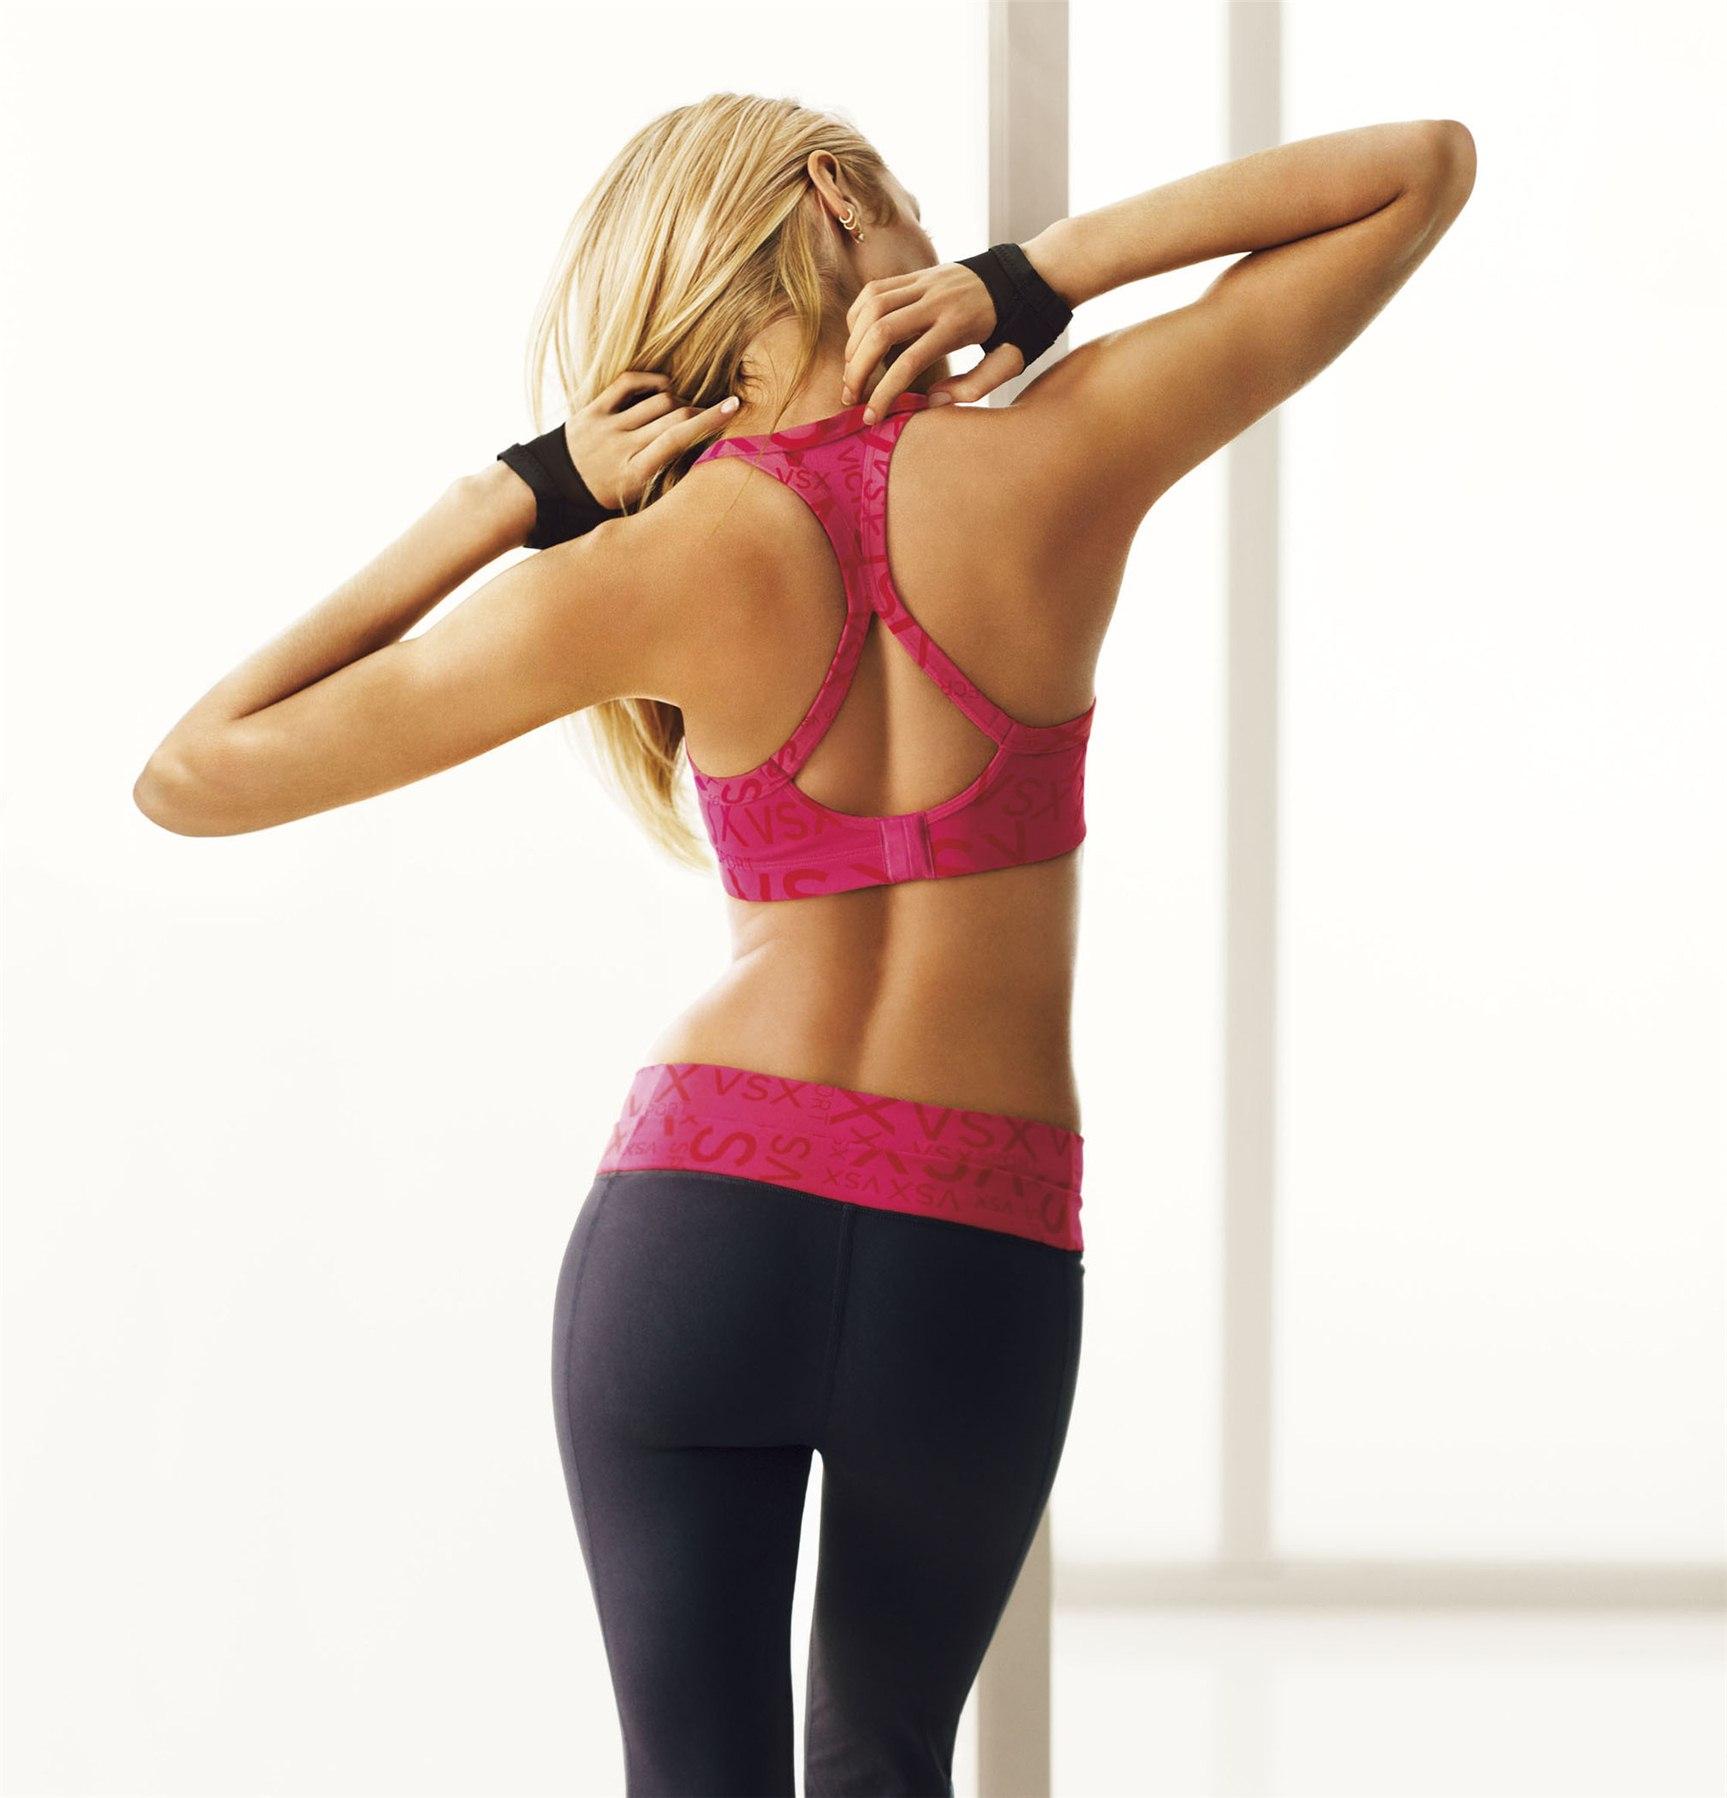 Candice Swanepoel / Кэндис Свейнпол в рекламе спортивной одежды VSX by Victoria Secret